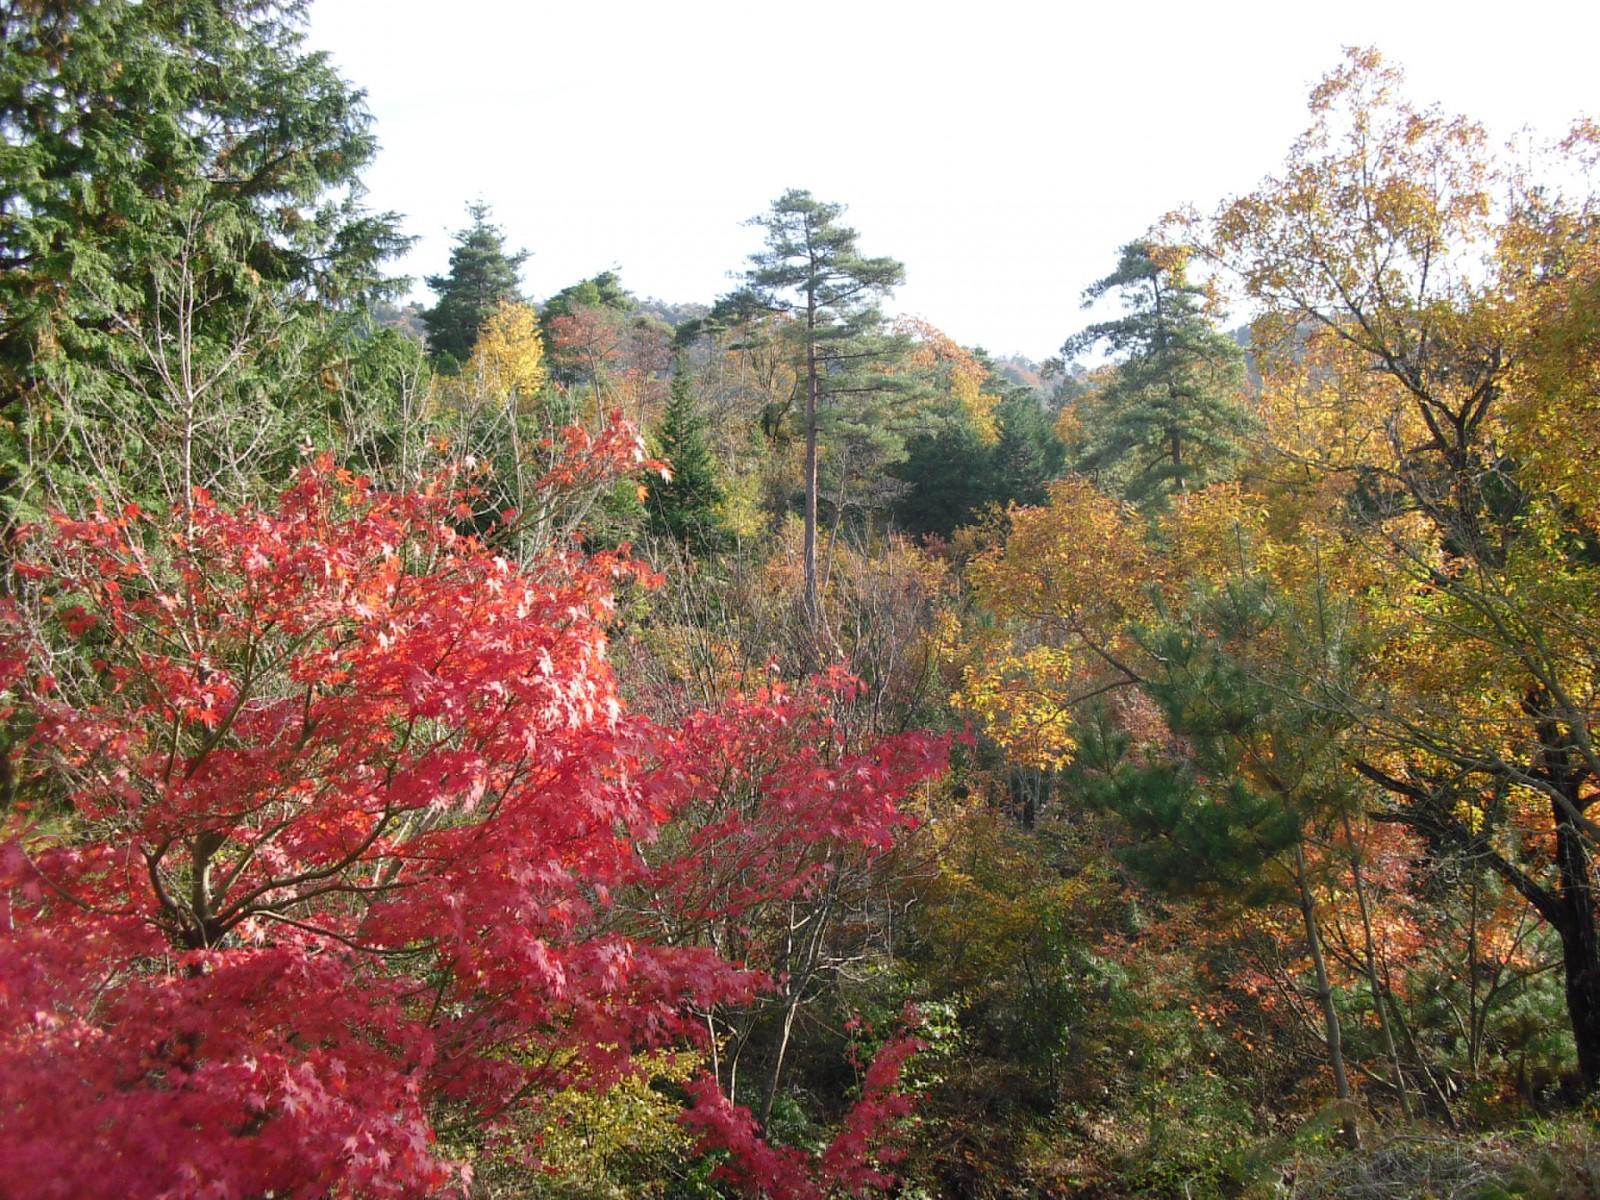 高取山は紅葉のピーク! © 高取山ふれあい公園